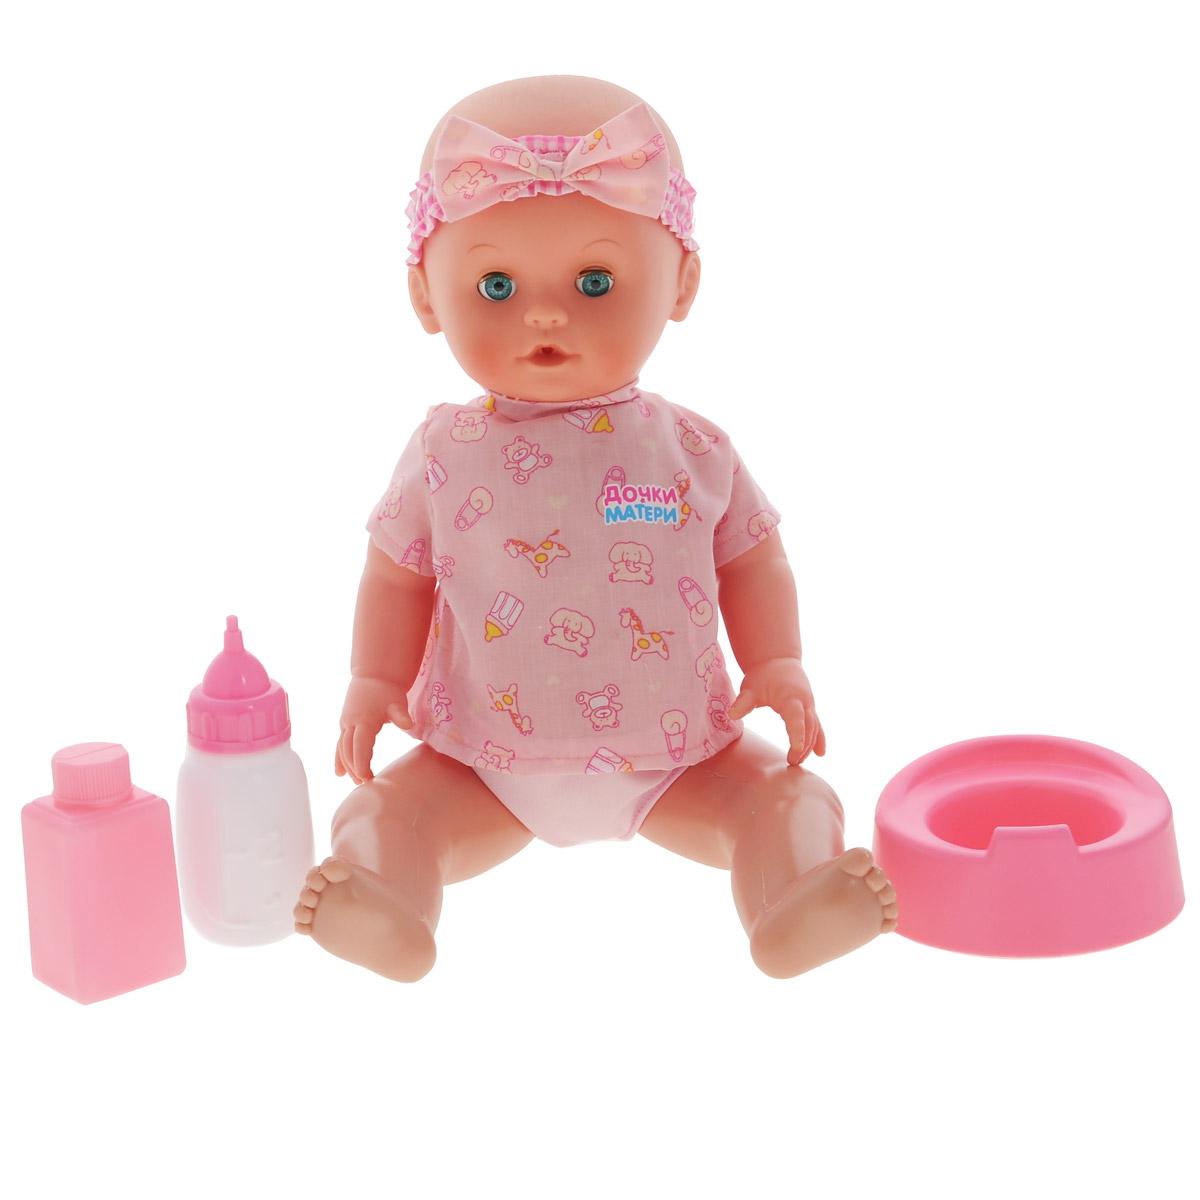 Пупс Joy Toy Моя малышка. Дочки-Матери, с аксессуарами. 5194G081-H43158Очаровательная кукла-младенец Joy Toy Моя малышка. Дочки-Матери непременно понравится маленькой маме. Самым лучшим и всегда желанным подарком для девочки является функциональная кукла, которую можно купать, переодевать и укладывать спать. Кукла порадует любую малышку и сделает социально-ролевые игры намного интереснее. Малышка одета в розовую футболку с рисунками животных и трусики, а на голове у нее красуется милый розовый бантик с тем же рисунком. Кукла сама закрывает глазки, если ее уложить спать. В набор входят необходимые аксессуары.